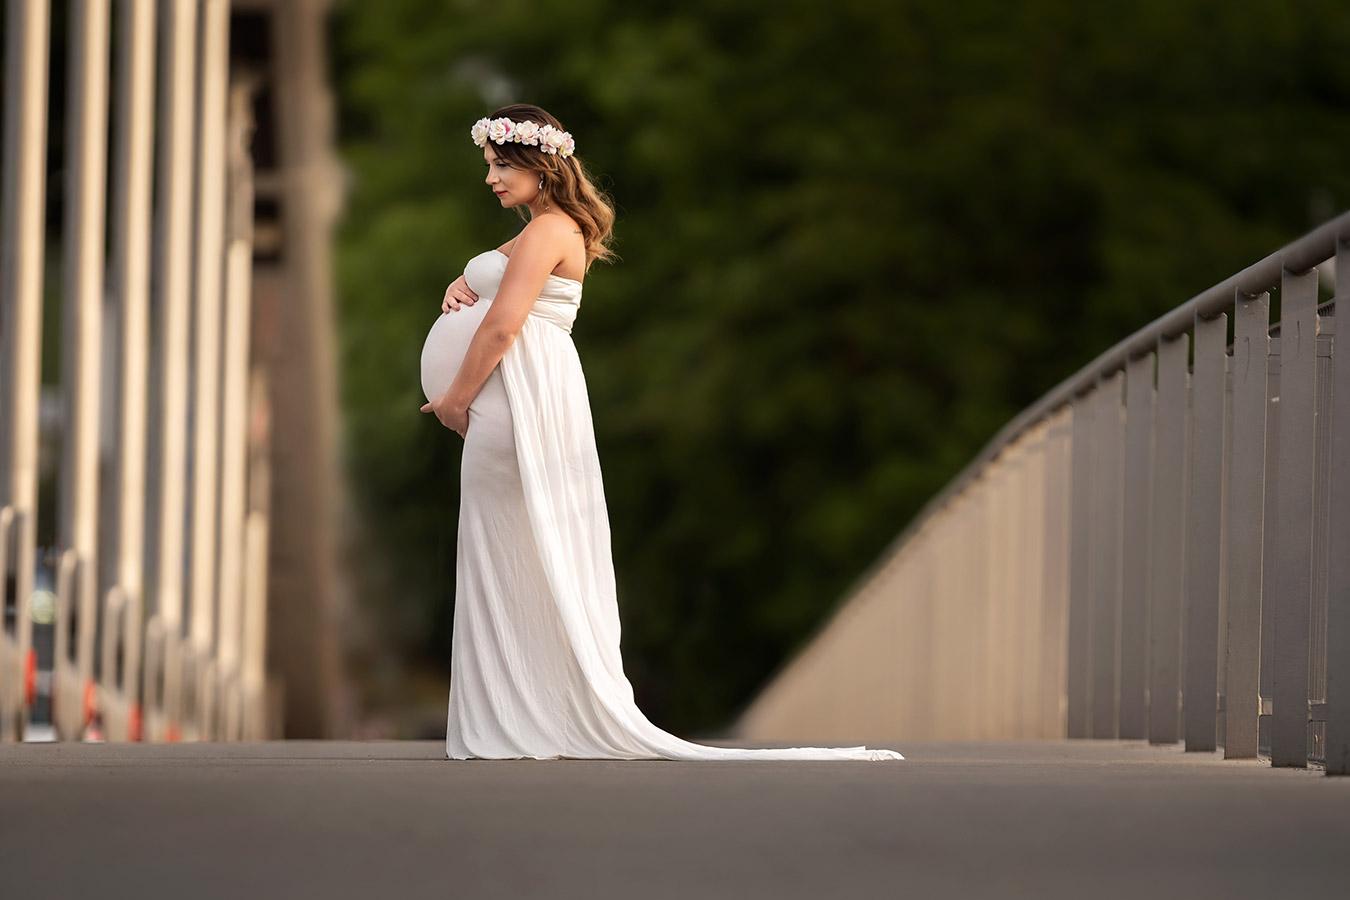 Babybauchfotos | Babybauchfotografie | Schwangerschaftsfotos | Straubing |